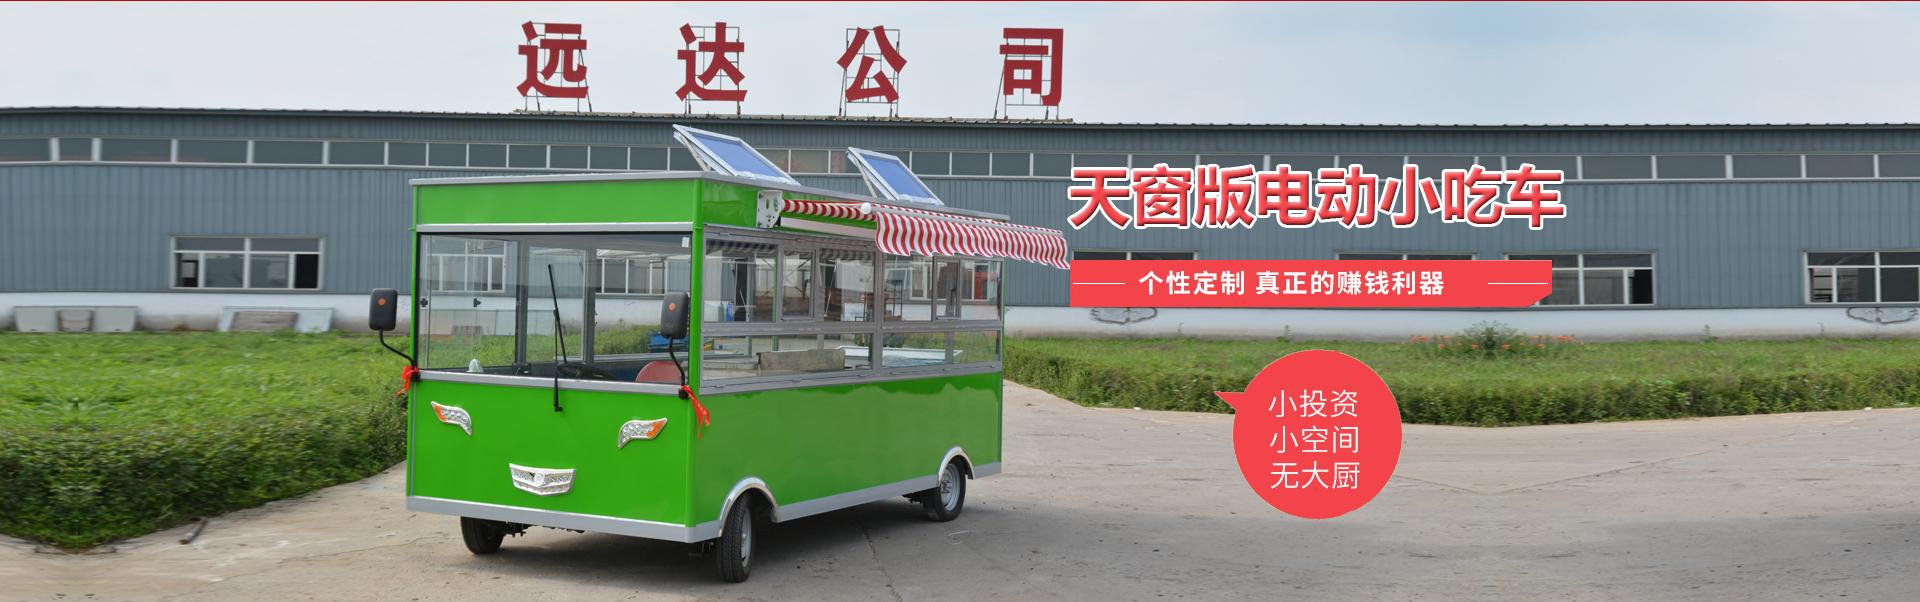 哈尔滨电动小吃车